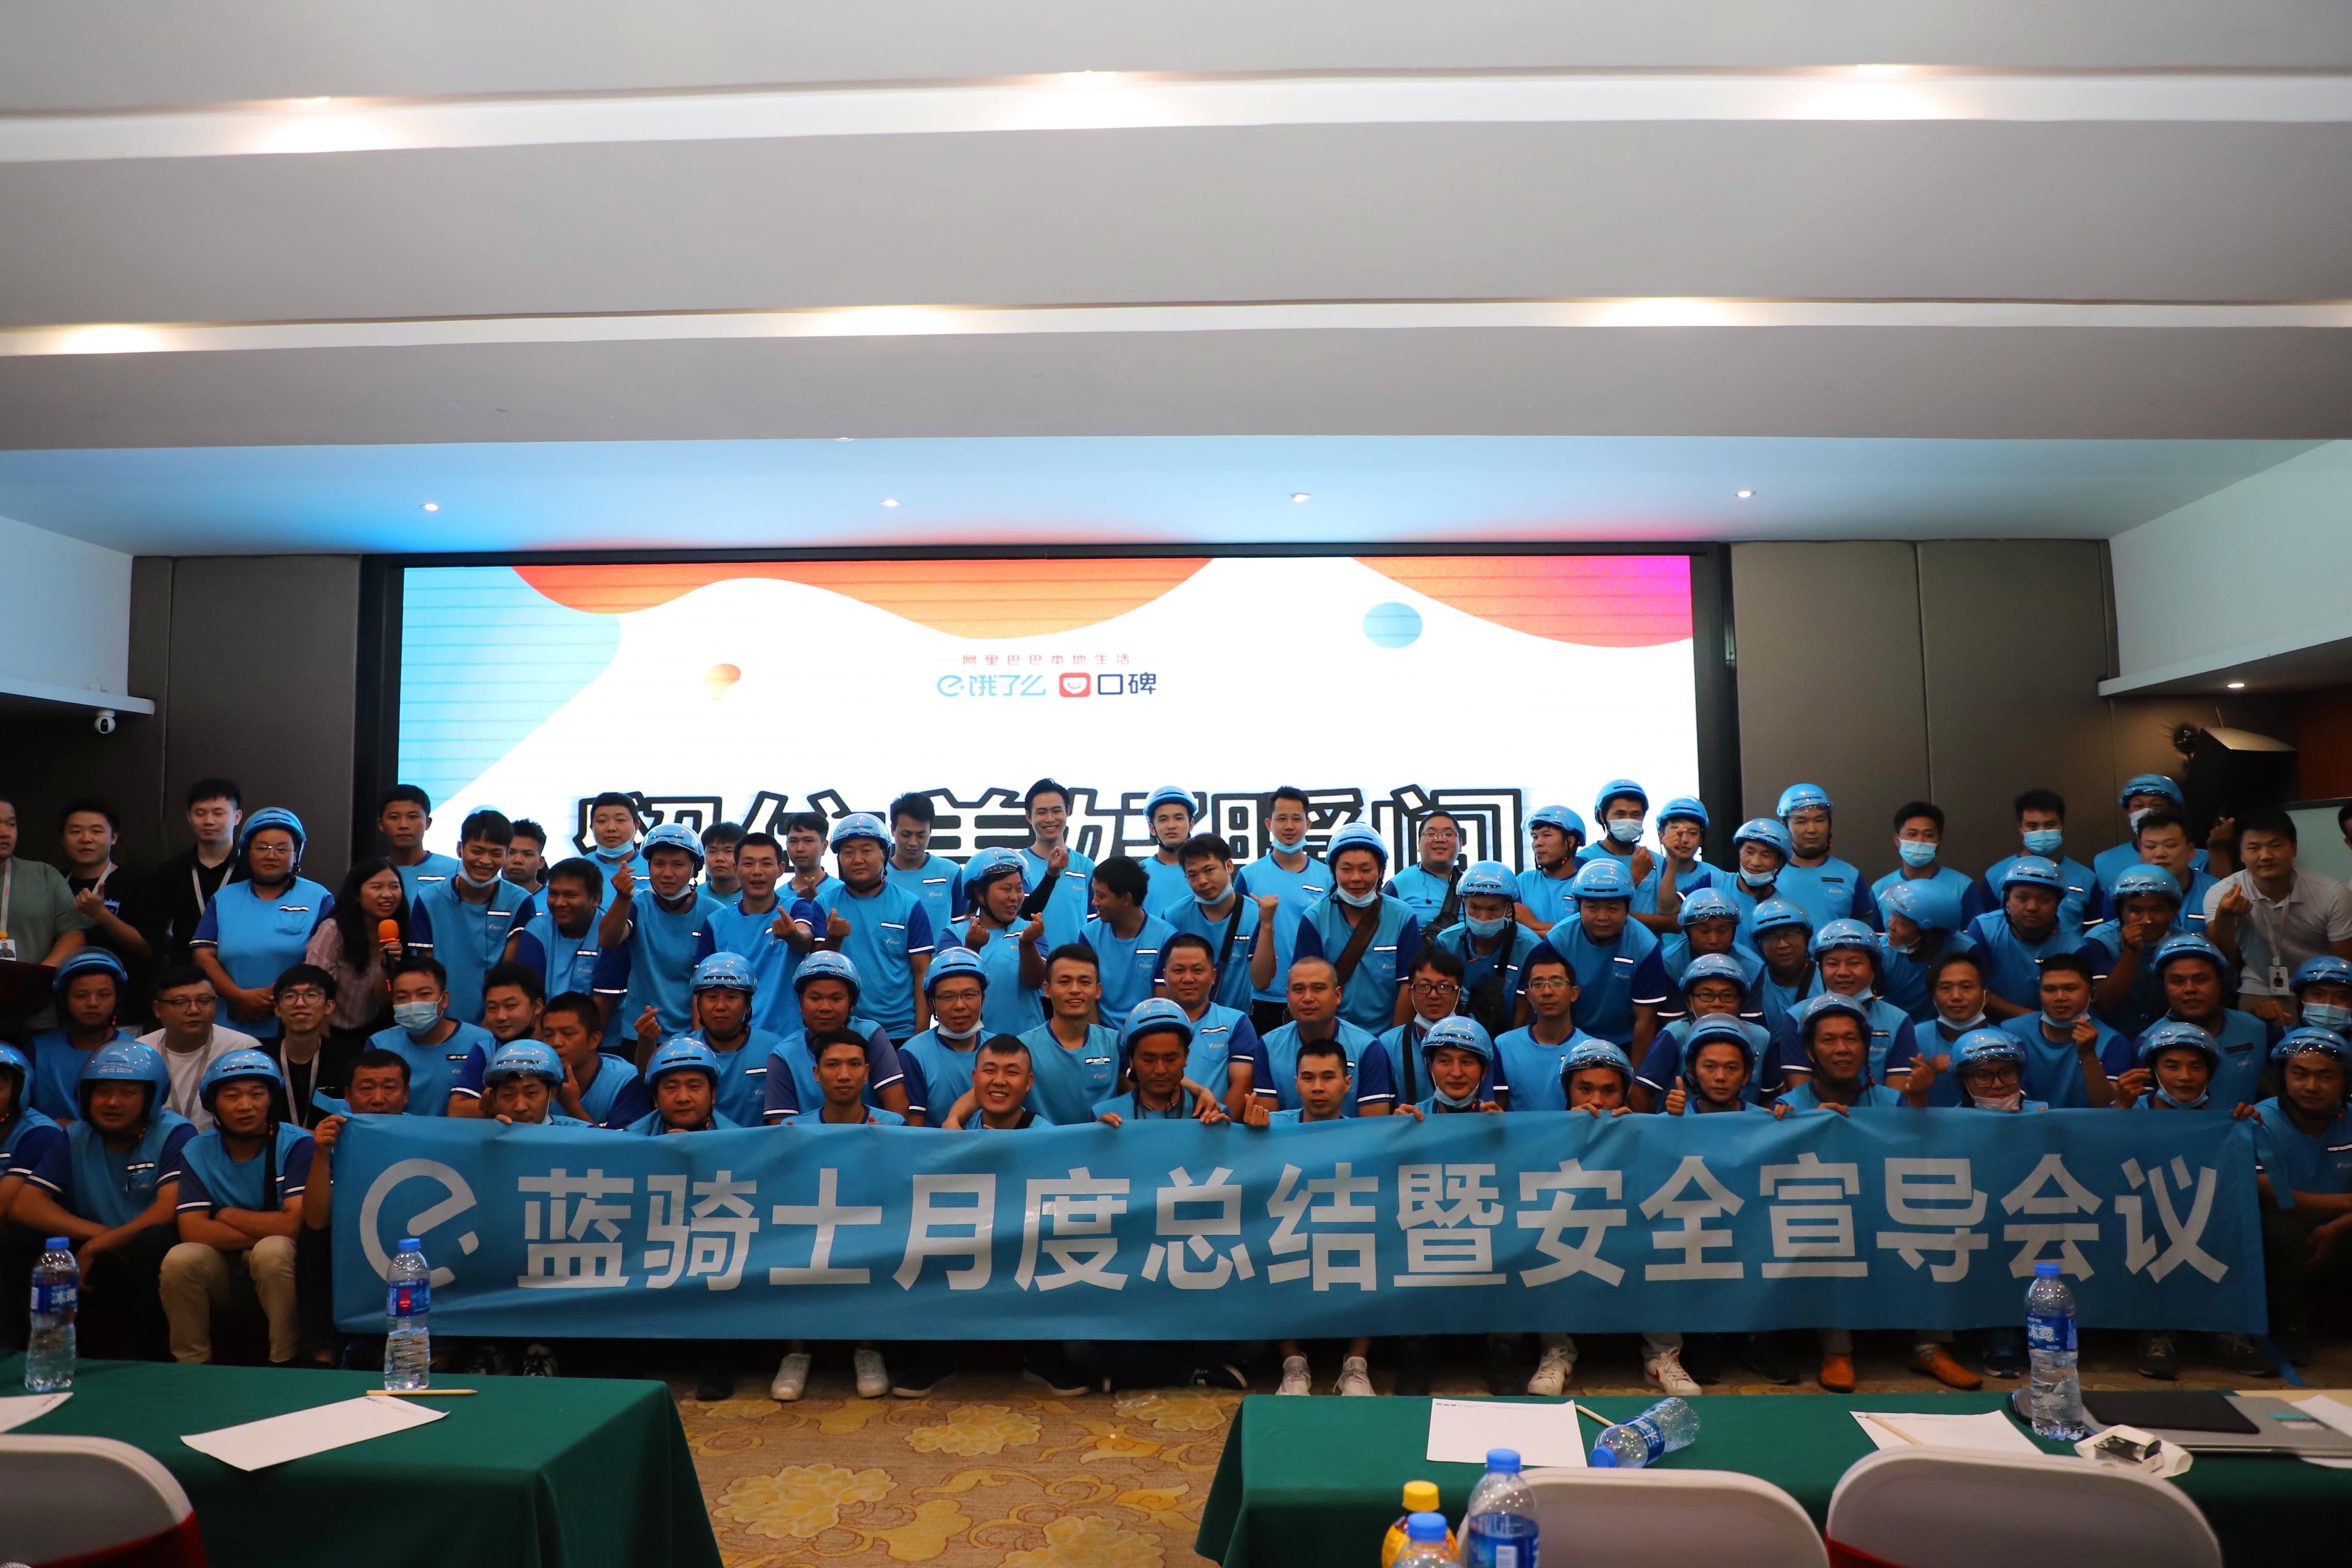 锐博集团与饿了么共同举办了蓝骑士月度总结暨安全宣导会议